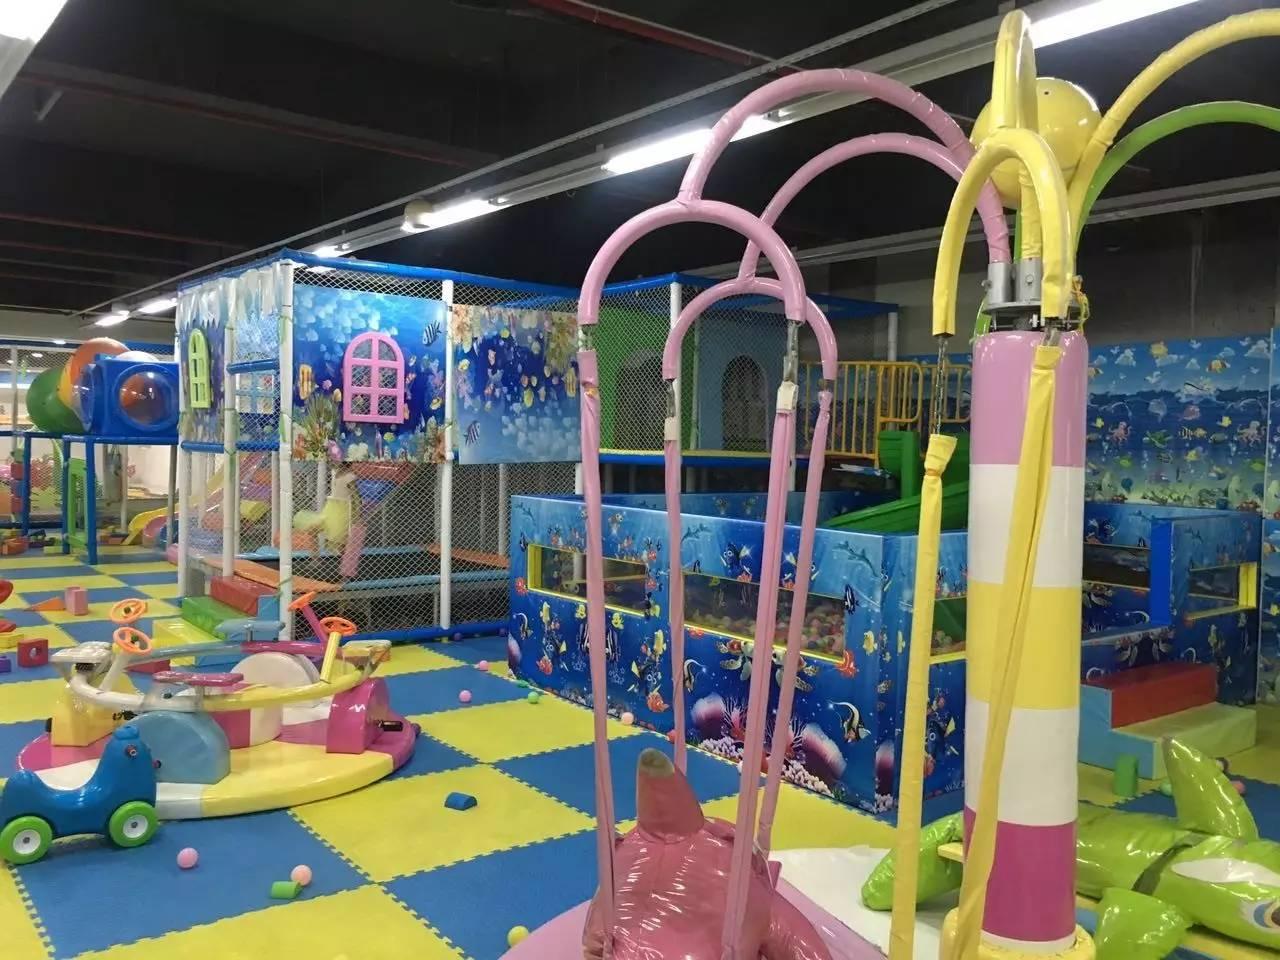 金湖最大室内儿童乐园周年庆,免费狂欢月